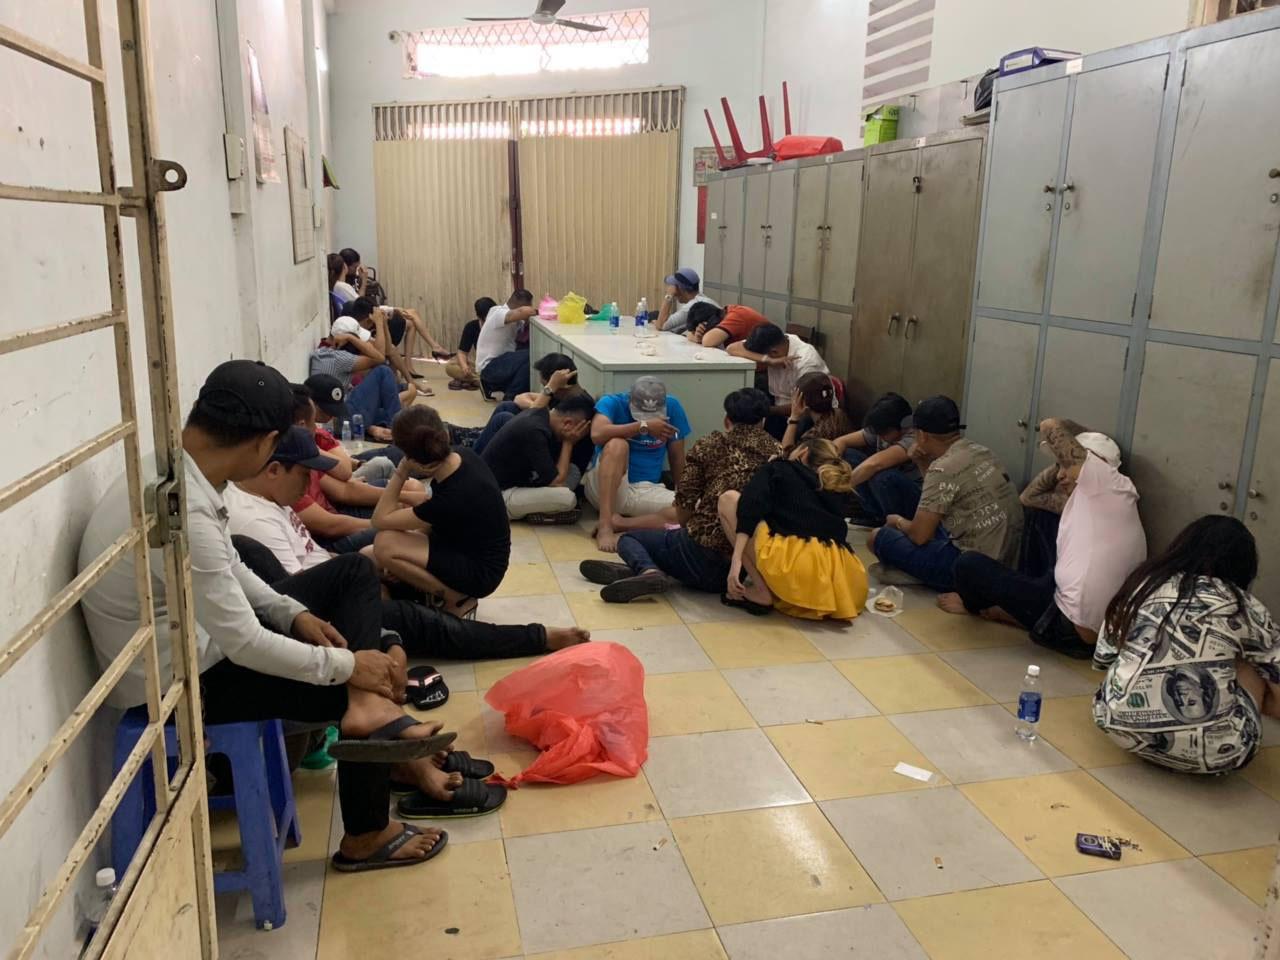 Đột kích vũ trường của dân chơi ma tuý ở Sài Gòn-3